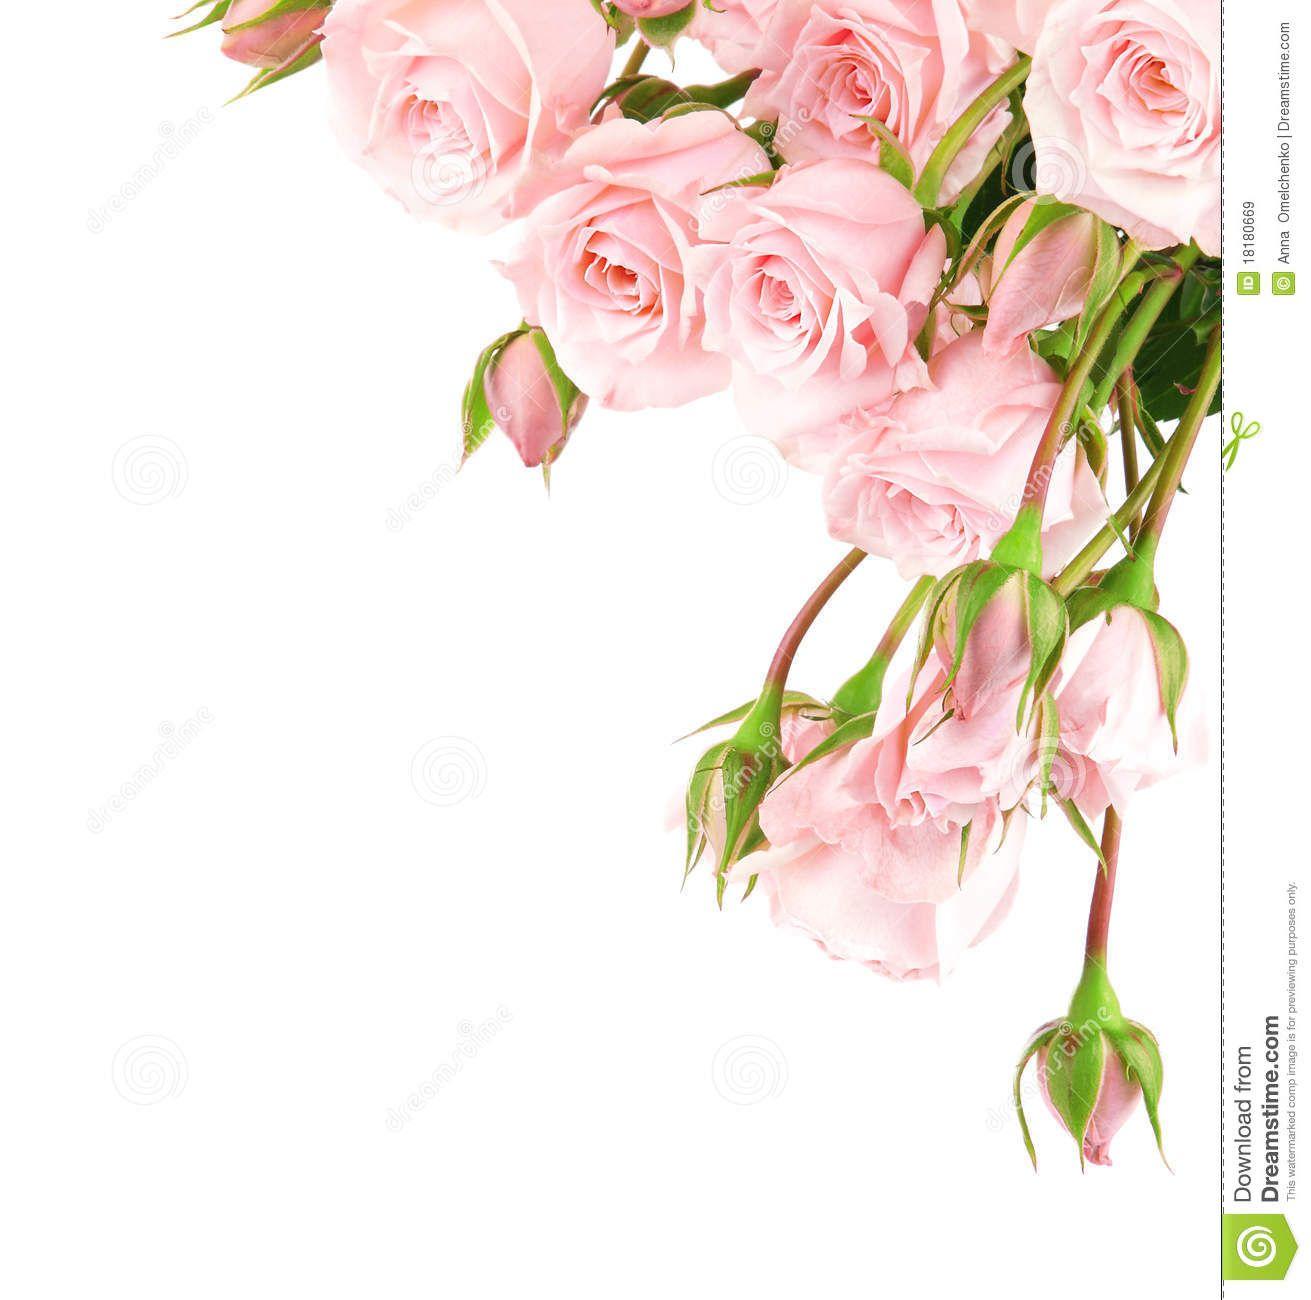 Pink Roses Border Clipart Fresh Pink Roses Border Flower Border